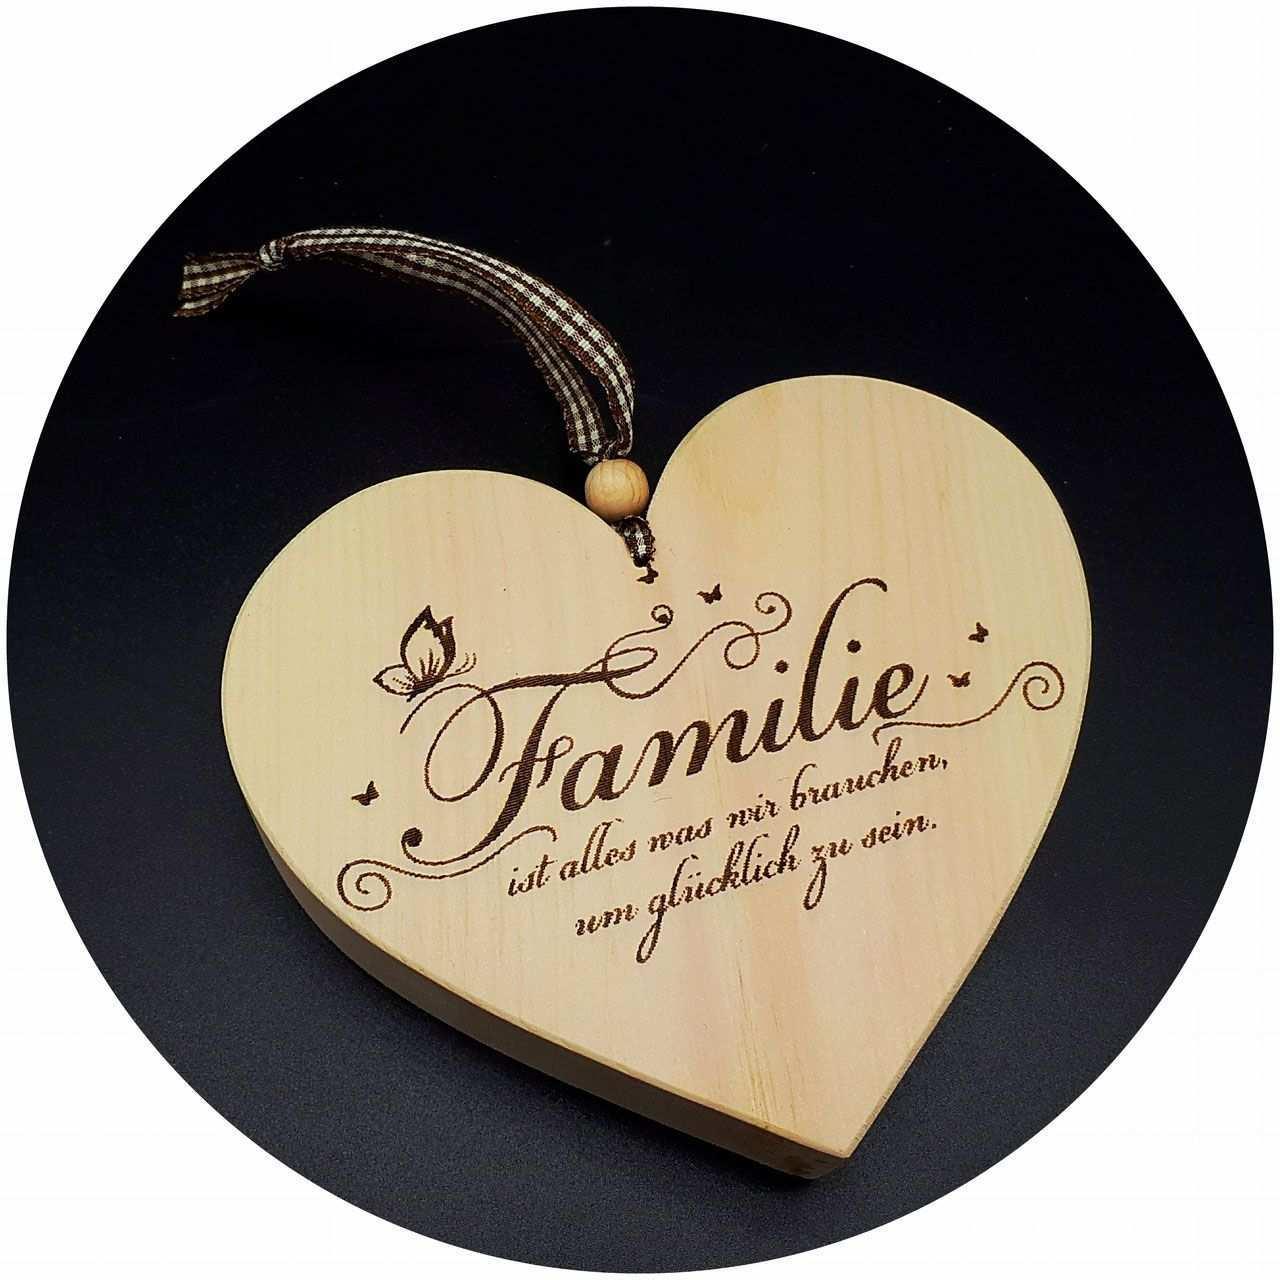 Handgefertigte Herzen Aus Zirben Holz Mit Familien Spruchen Wir Gravieren Individuelle Spruche Auf Holz Herzen Aus Zirbenholz Holz Herz Zirben Gravur Ideen